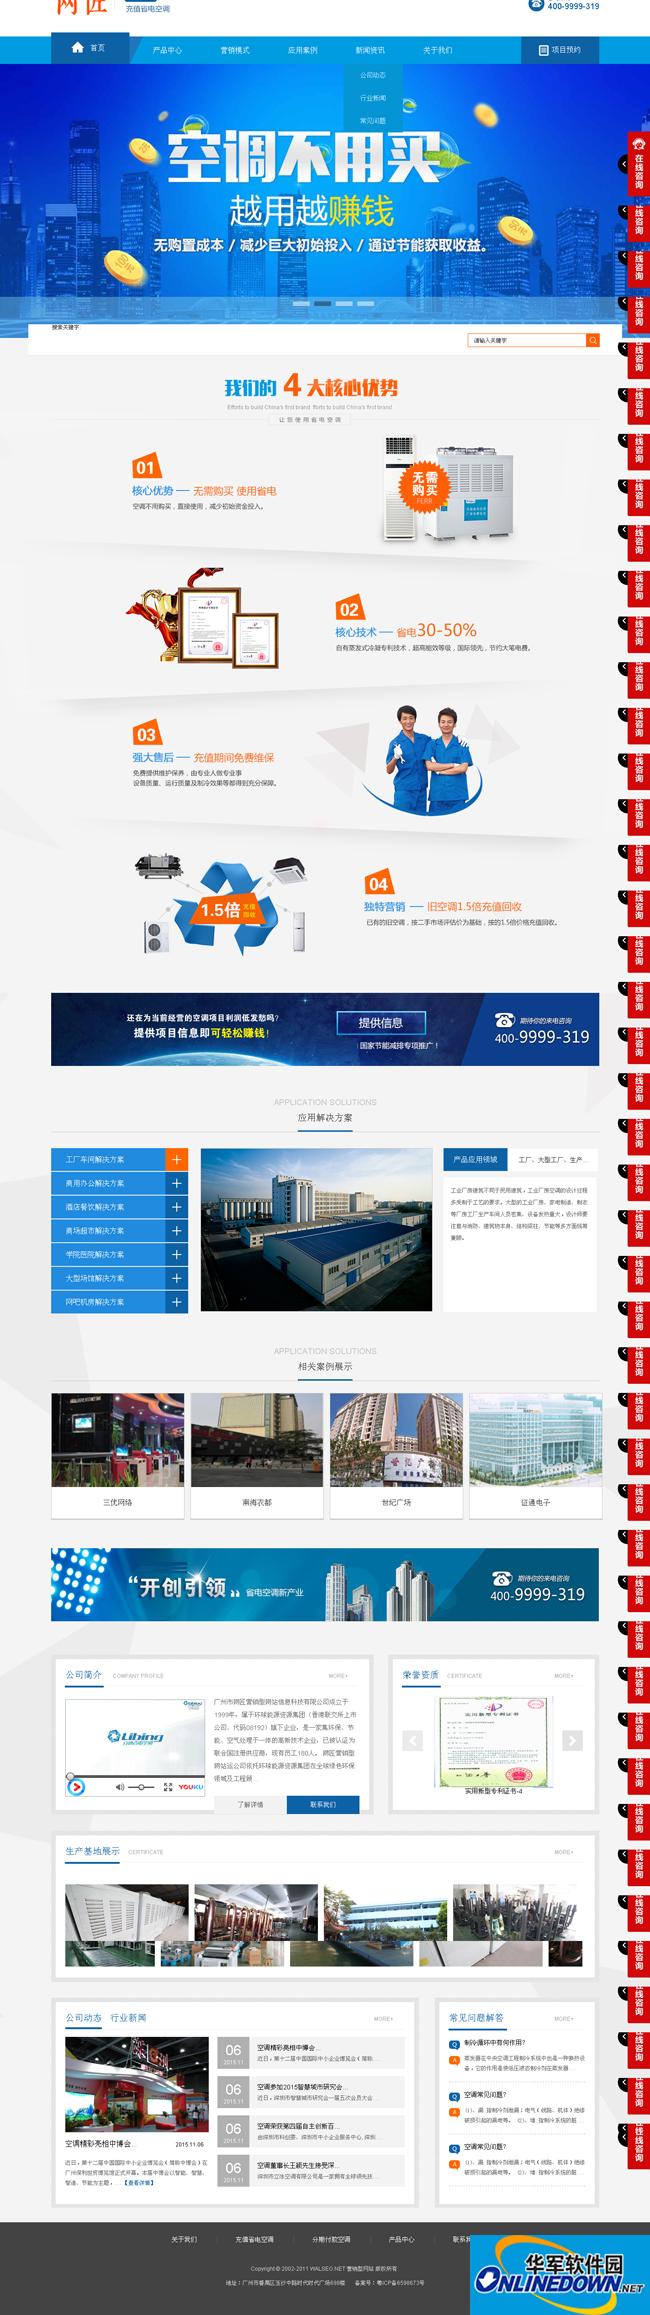 蓝色空调制冷电子企业网站织梦模板 PC版